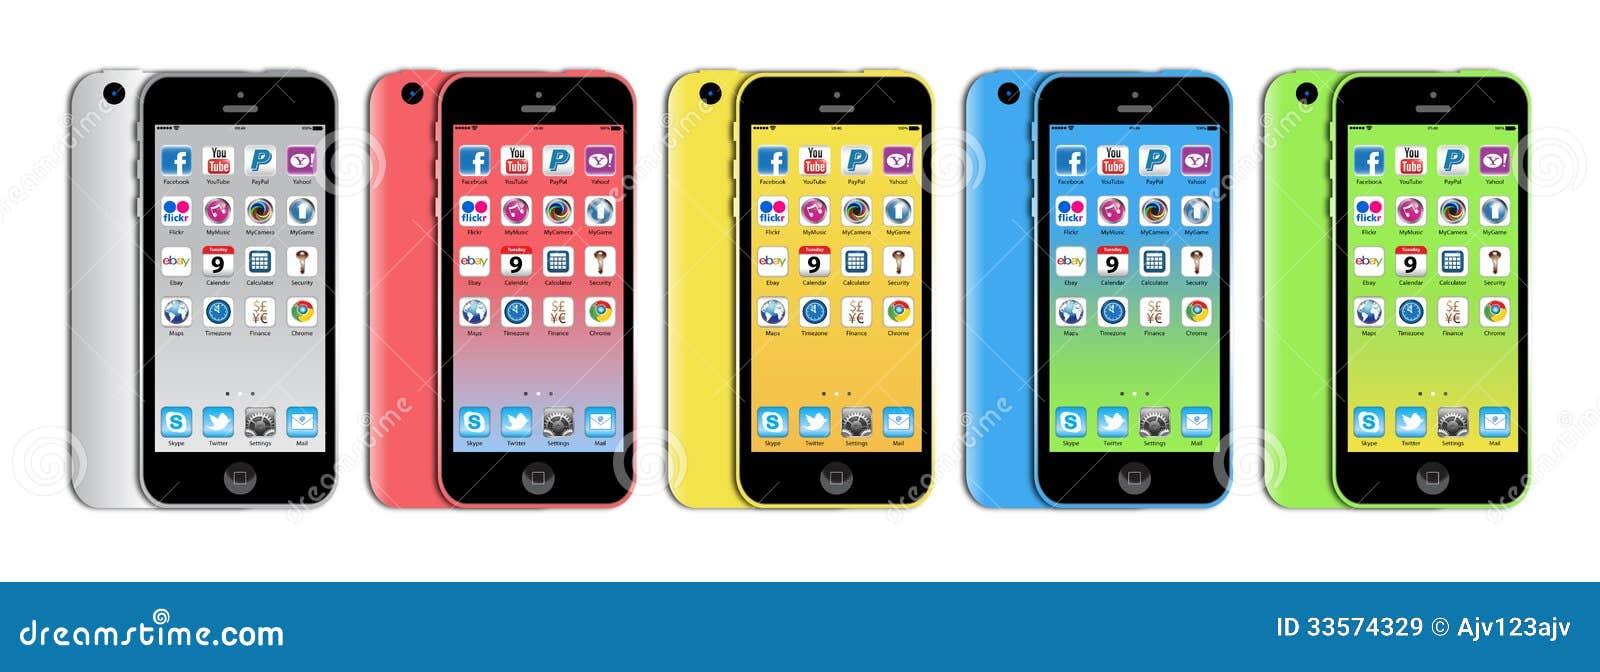 Iphone nuovo 5c di Apple